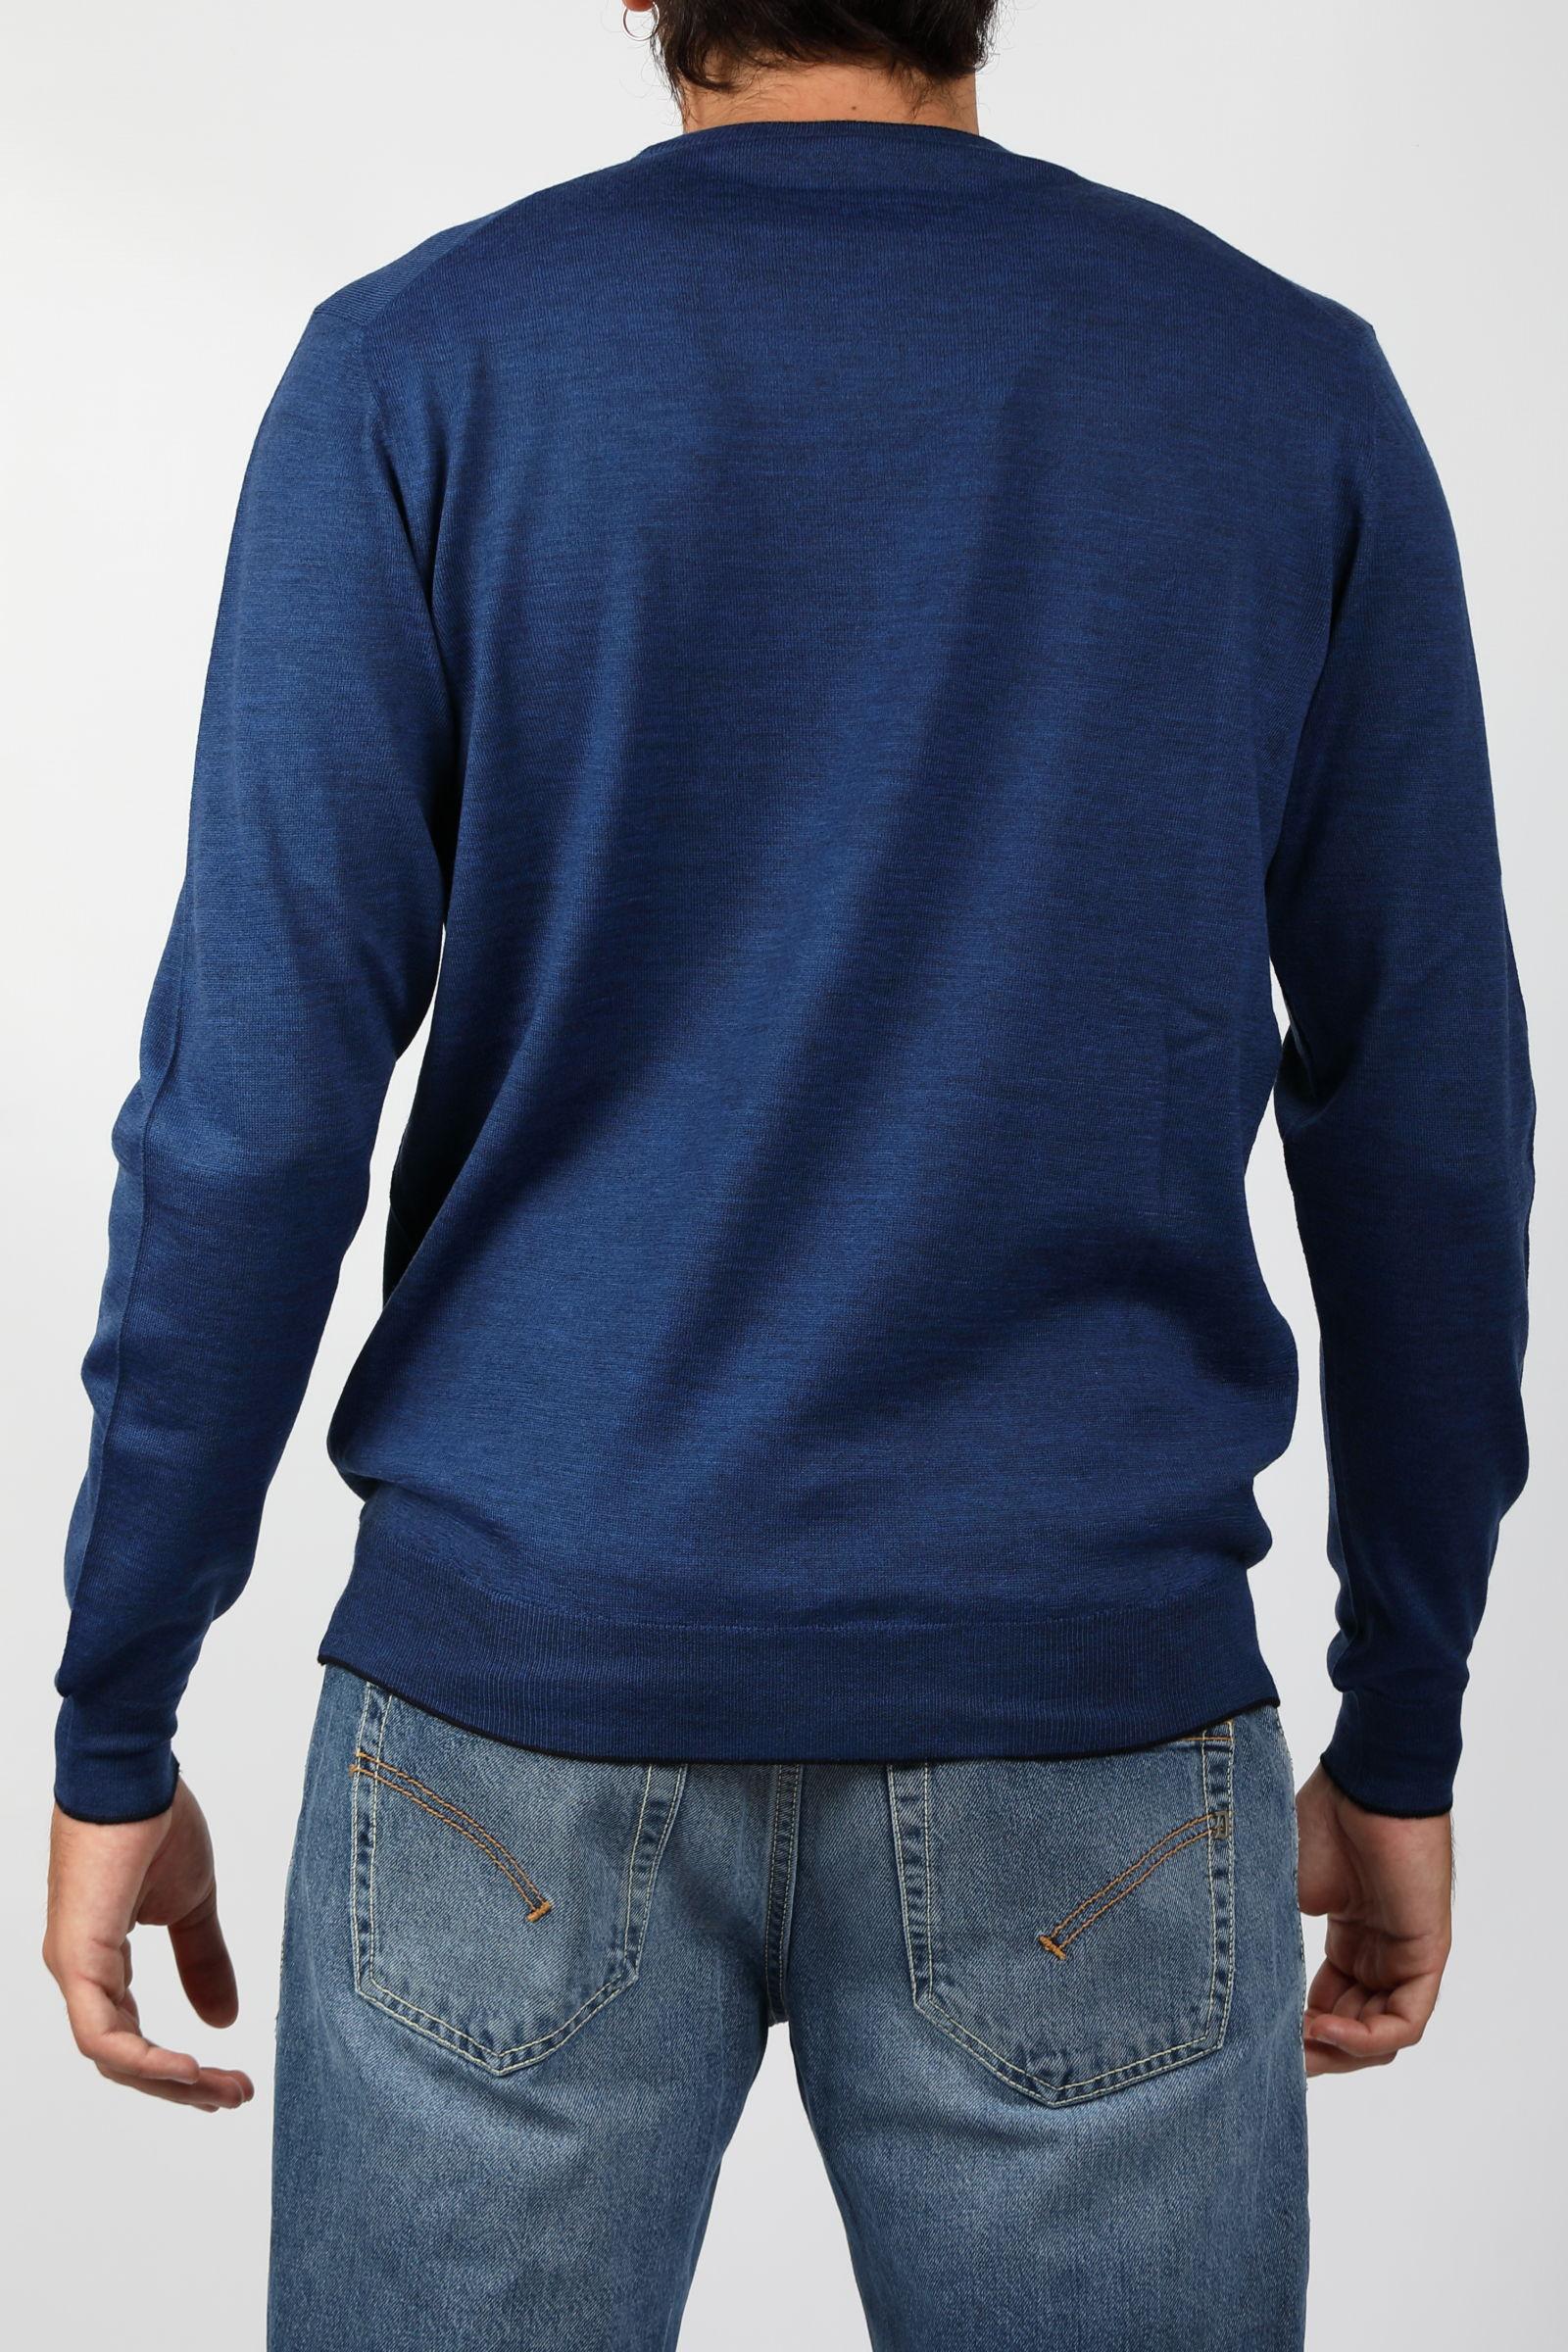 MERINOS WOOL SWEATER FRANCESCO PIERI | Knitwear | FU03600C441702